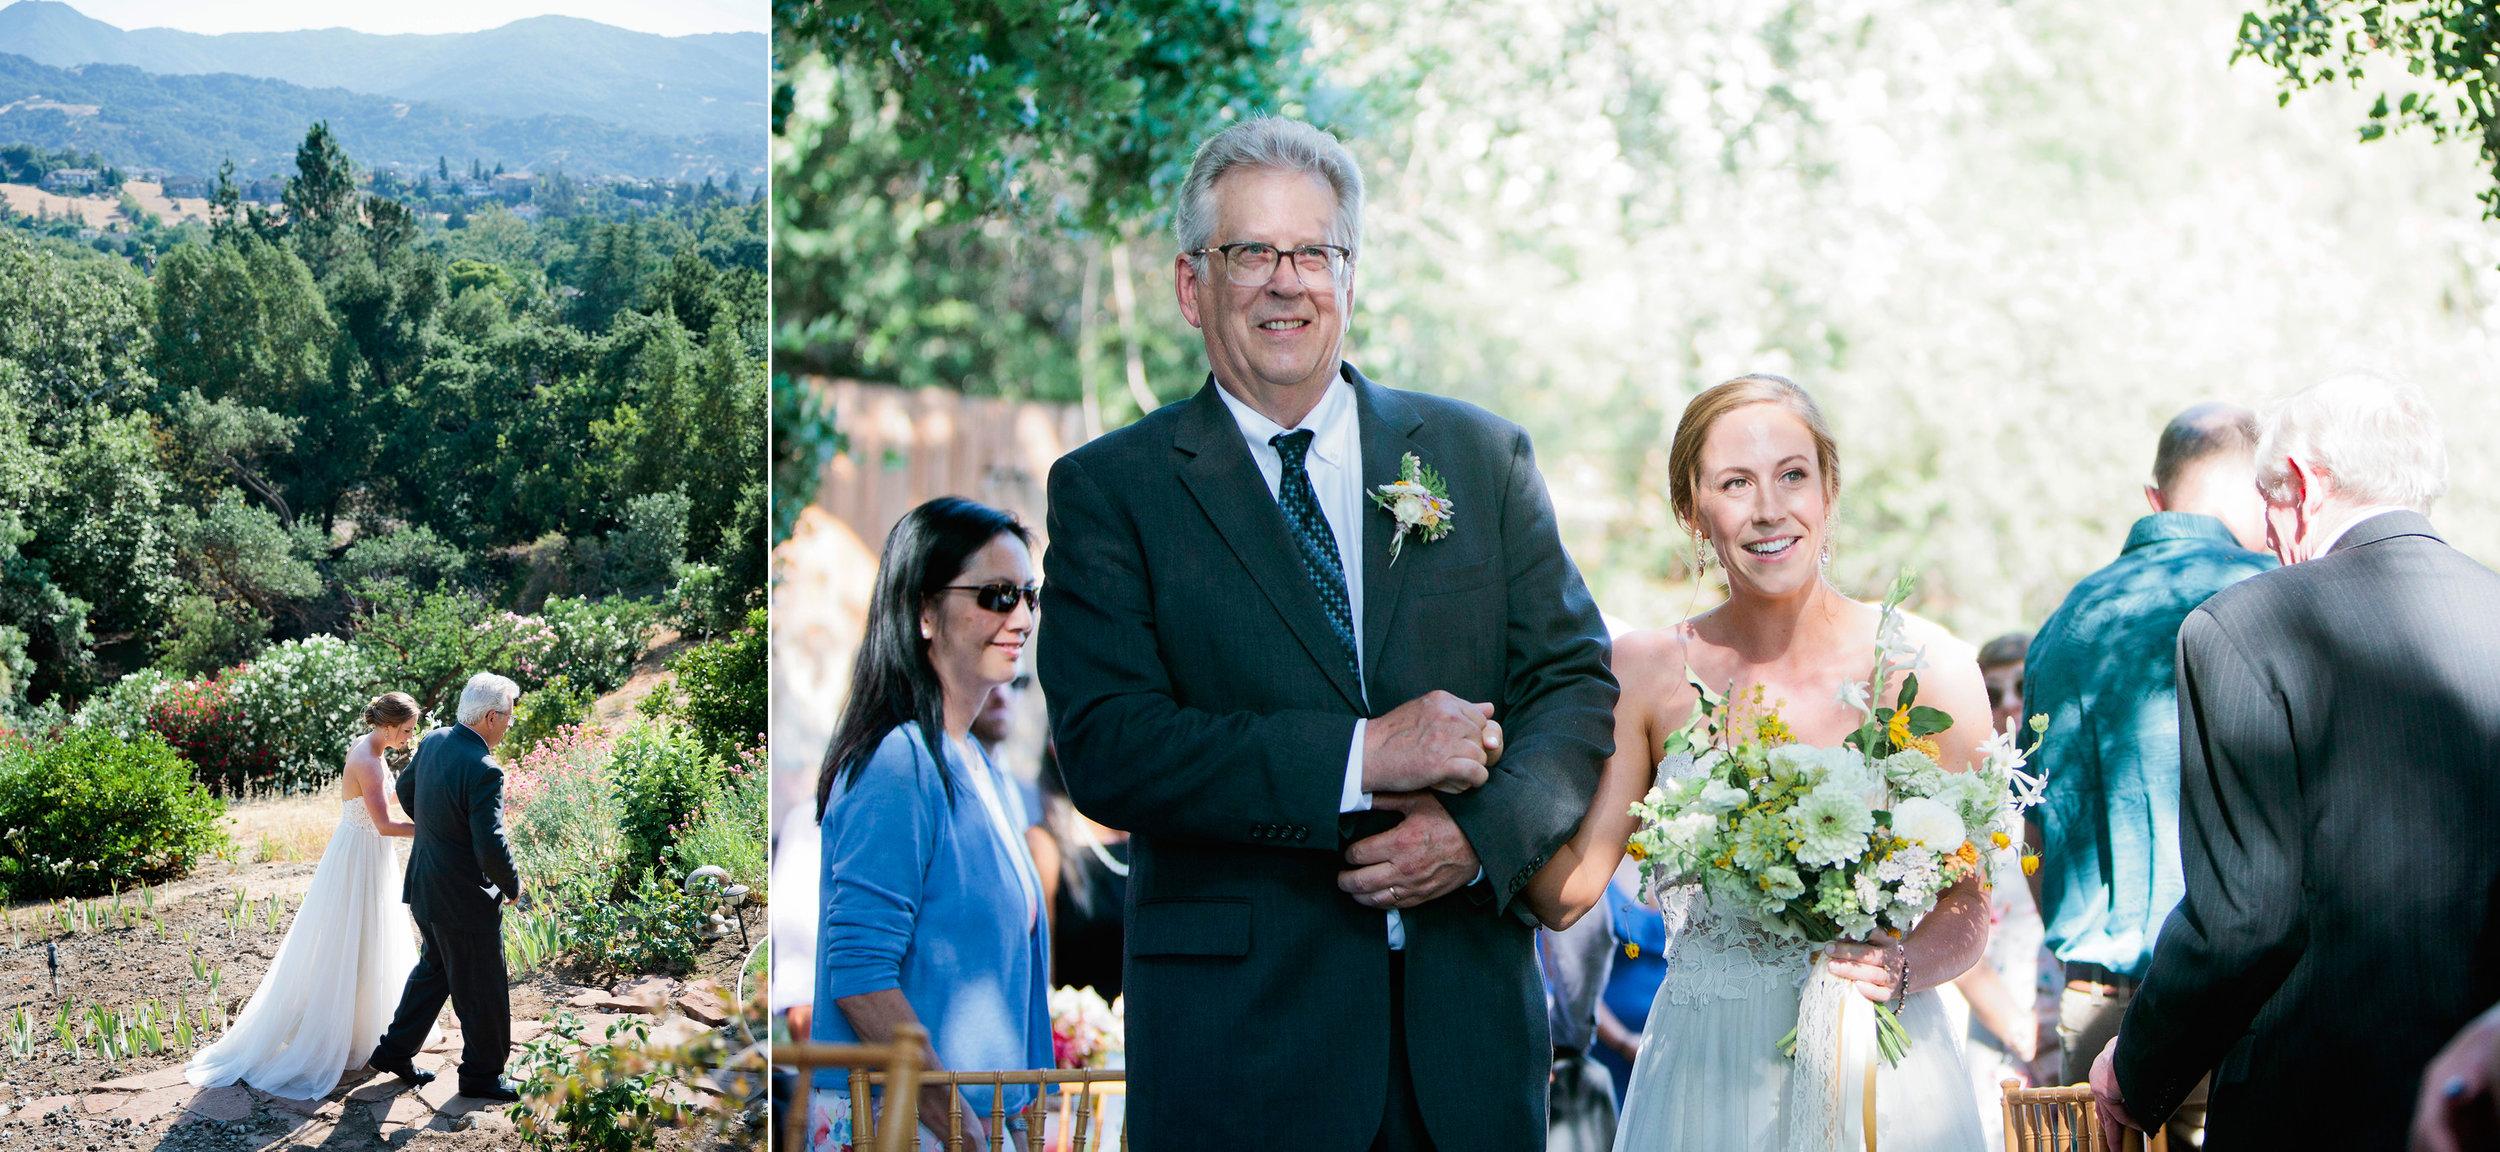 Wedding-Private-Home-South-Bay-28 copy.jpg